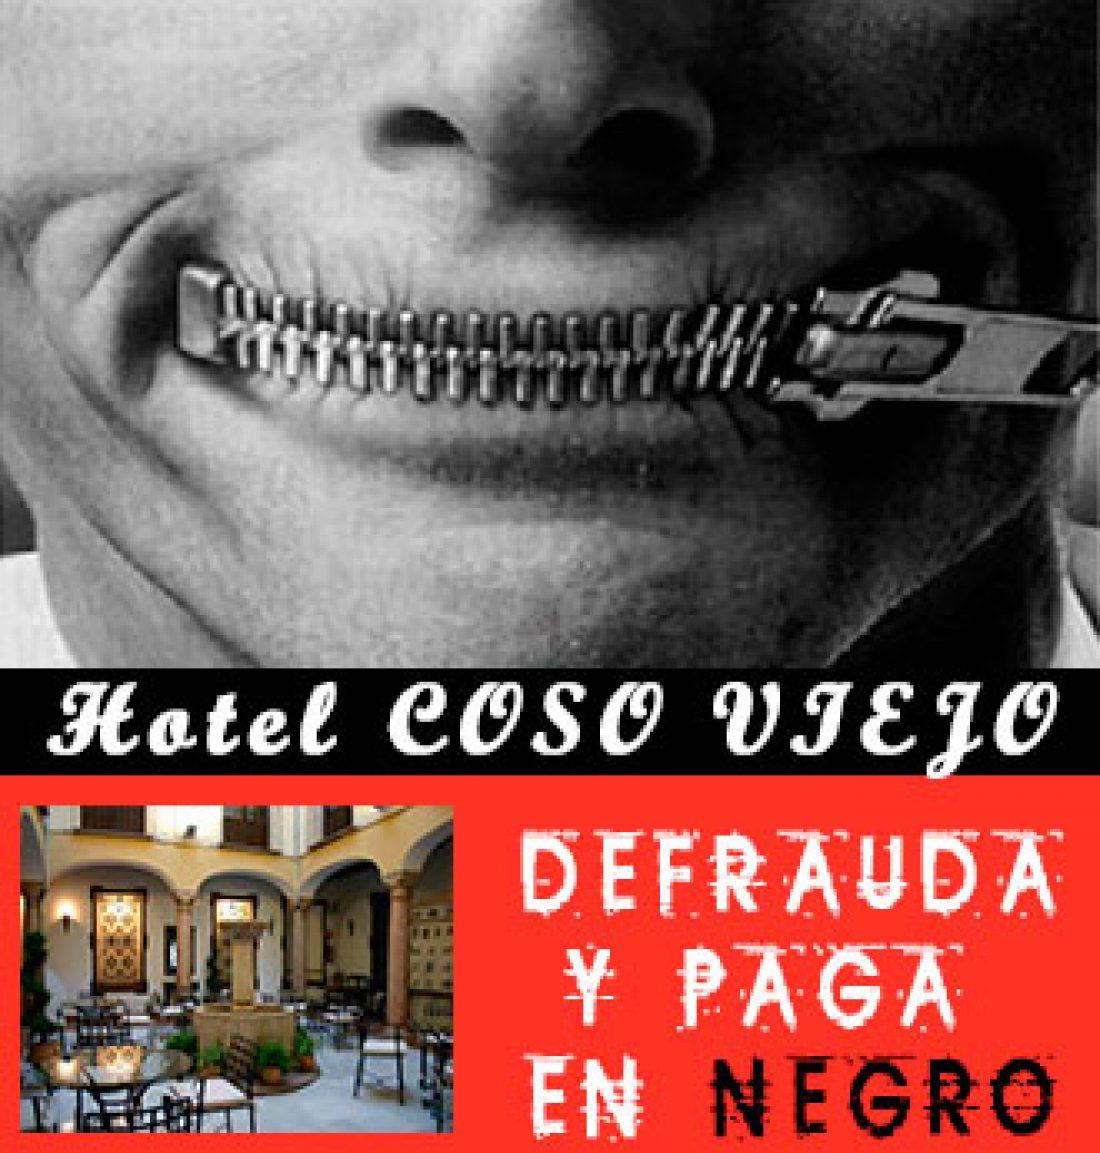 Isabel continua acampada ante el Hotel Coso Viejo tras la manifestacion del sabado 27